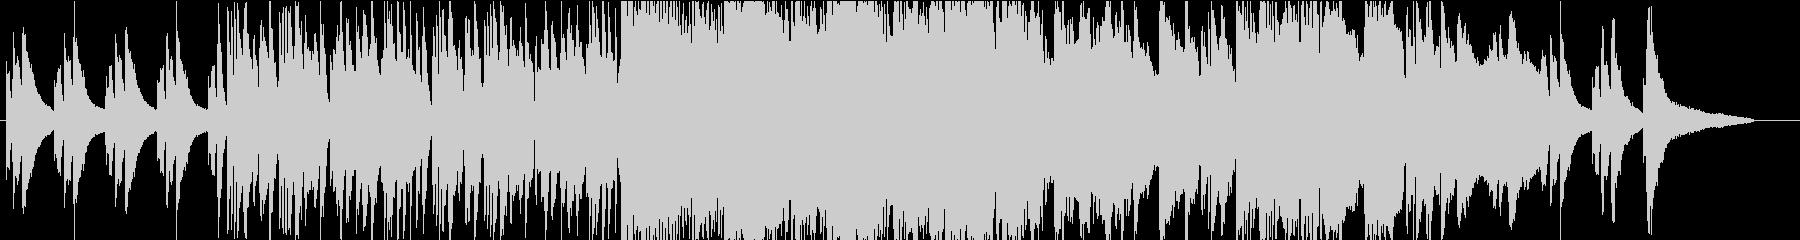 ピアノとサックスのドラマチックなBGMの未再生の波形